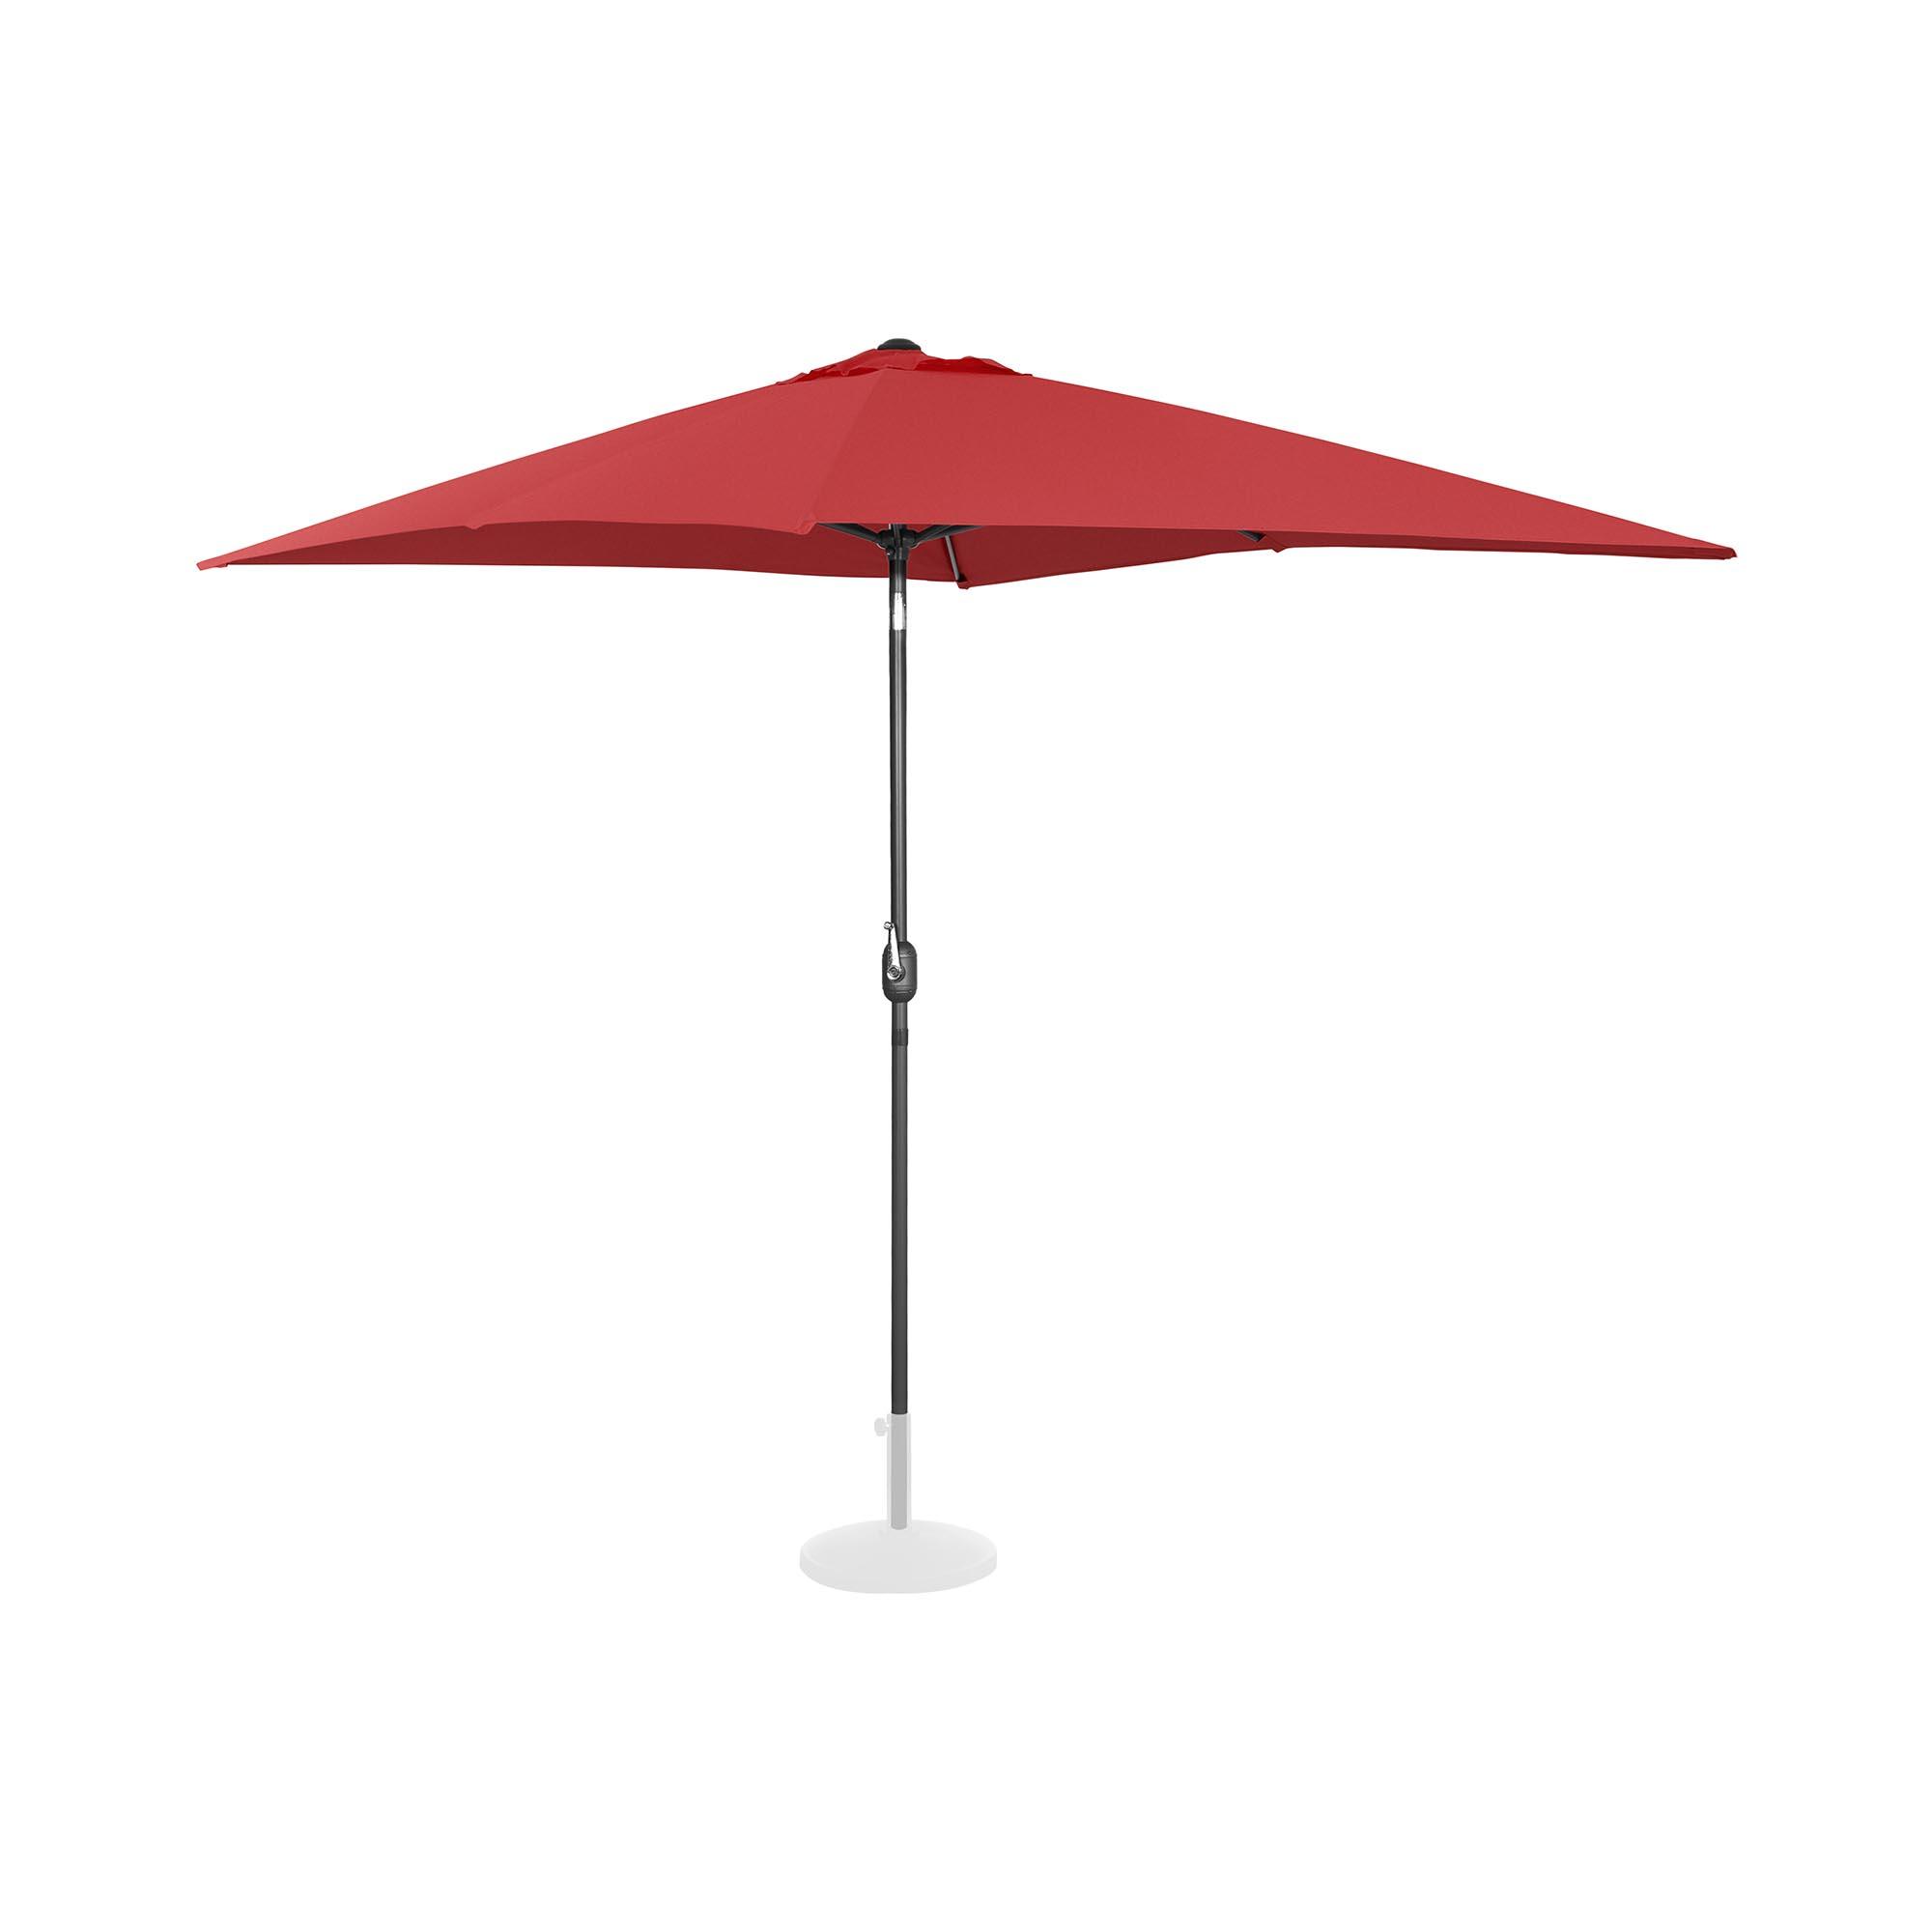 Uniprodo Sonnenschirm groß - bordeaux - rechteckig - 200 x 300 cm - neigbar 10250135